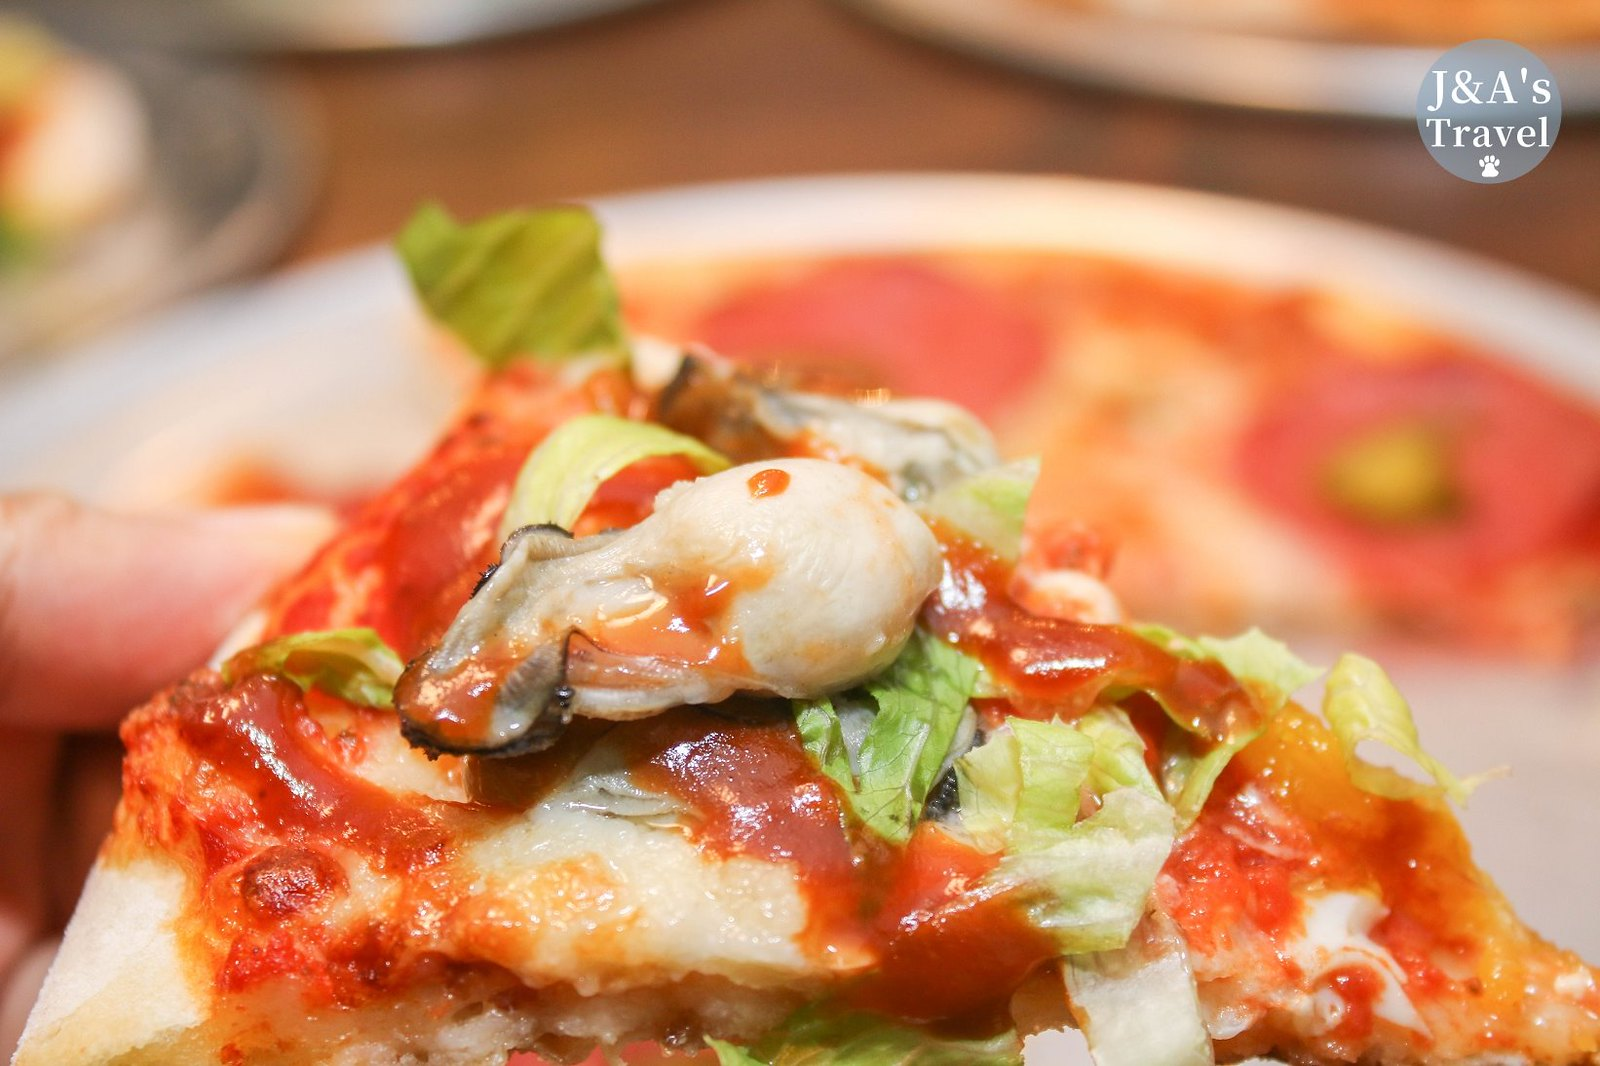 初宅ONE HOUSE 新奇蚵仔煎披薩、臭豆腐披薩香氣十足!披薩買三送一還可以寄放唷! 【捷運科技大樓】大安美食聚餐餐廳 @J&A的旅行